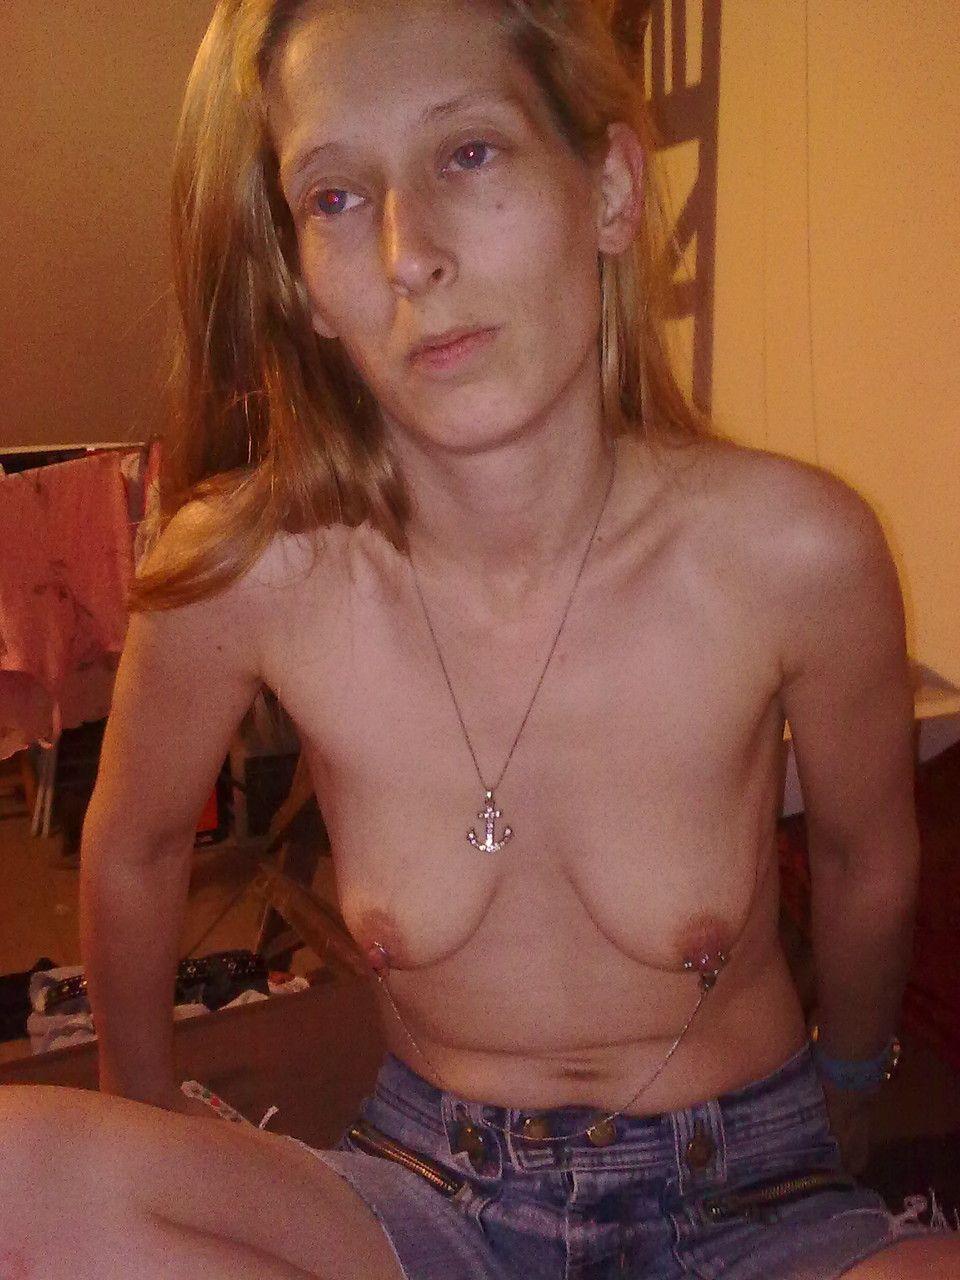 外国人人妻の巨乳垂れ乳おっぱいエロ画像31枚・12枚目の画像